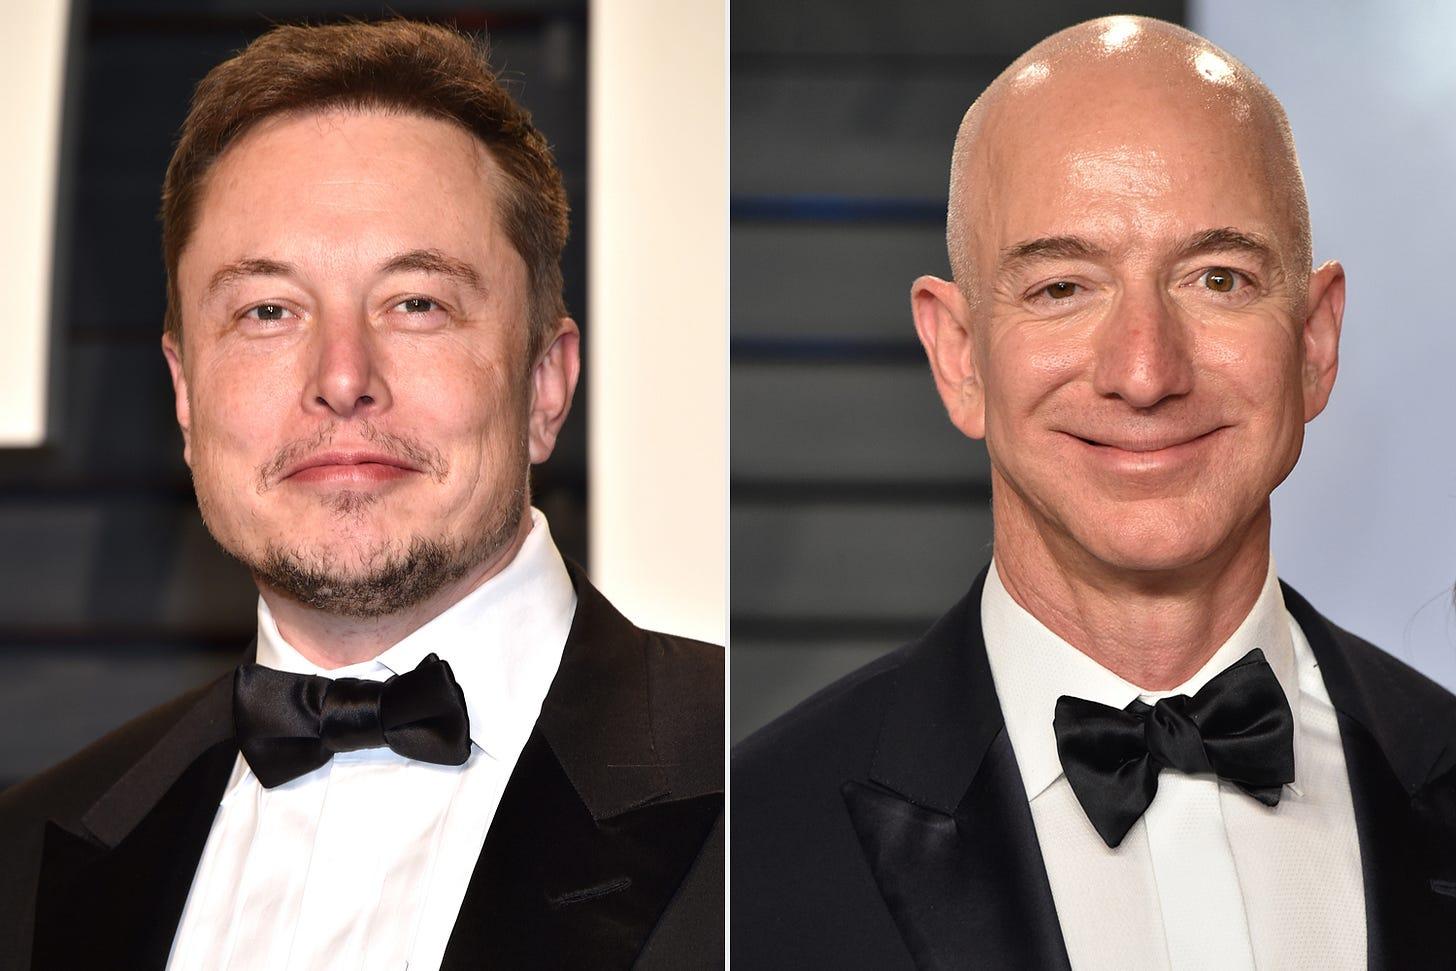 Elon Musk Mocks Jeff Bezos' Blue Origin in NASA Space Race | PEOPLE.com